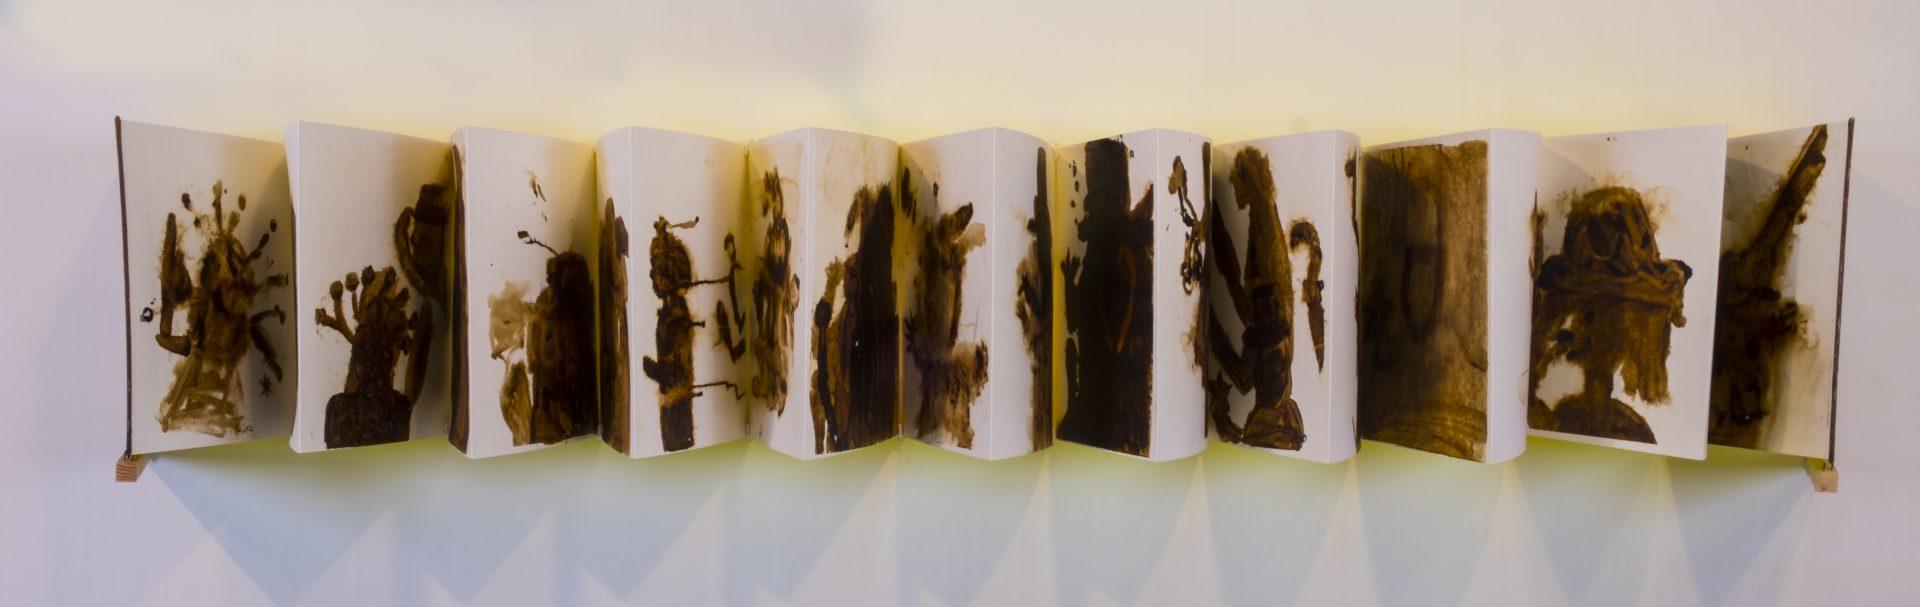 Racconti d'ombra<br>APR03<br>misure: 70 x 100 cm<br>tecnica: colature di estratto di liquirizia su carta bianca <br>anno: 2018<br><br>DISPONIBILE